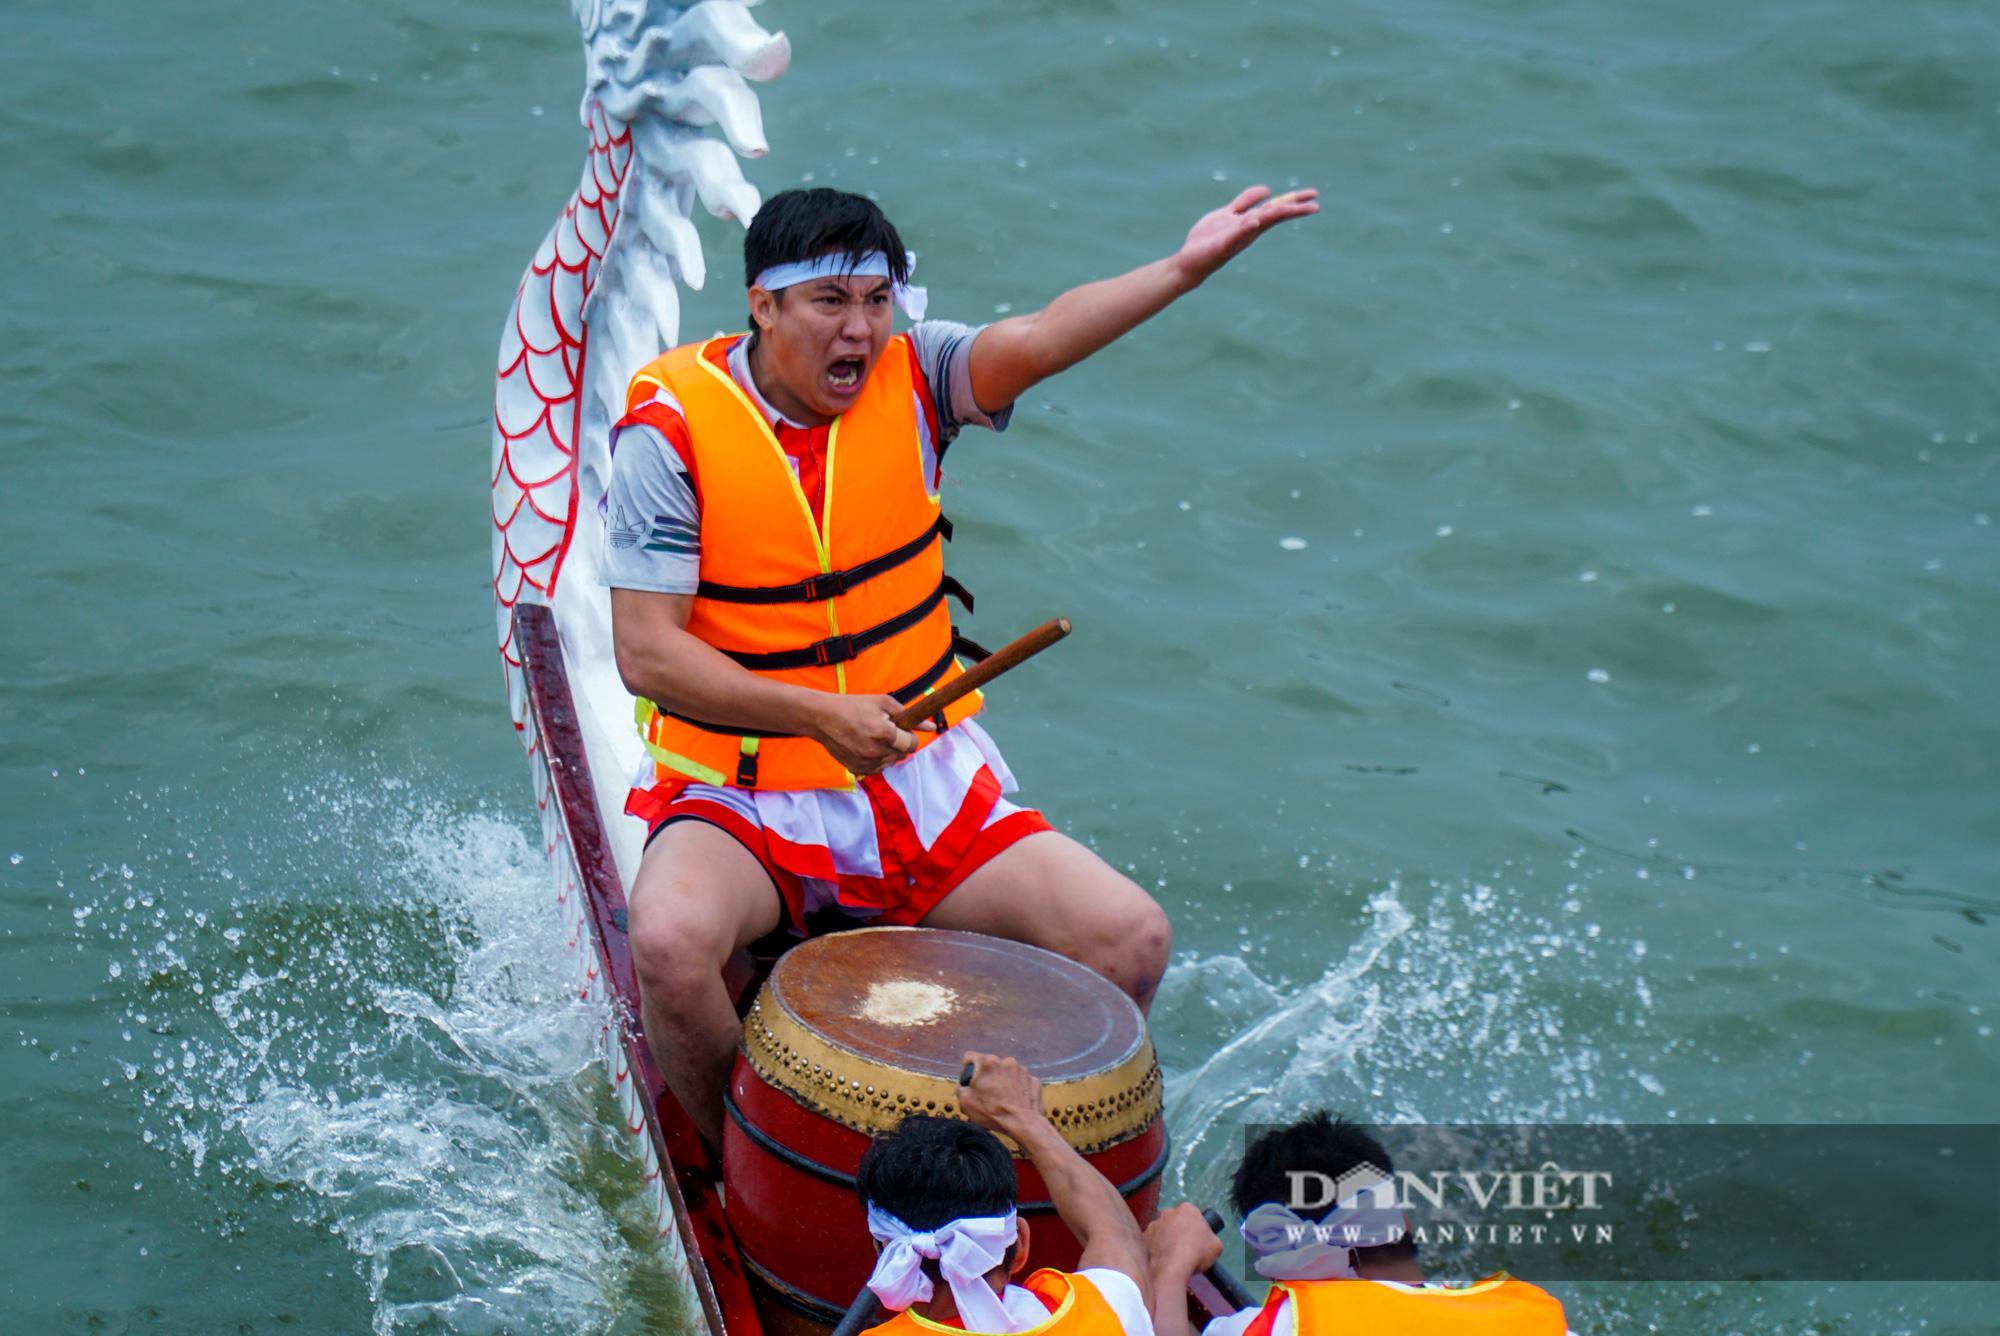 Phú Thọ: Kịch tính giải đua bơi chải chào mừng ngày giỗ Tổ Hùng Vương - Ảnh 10.